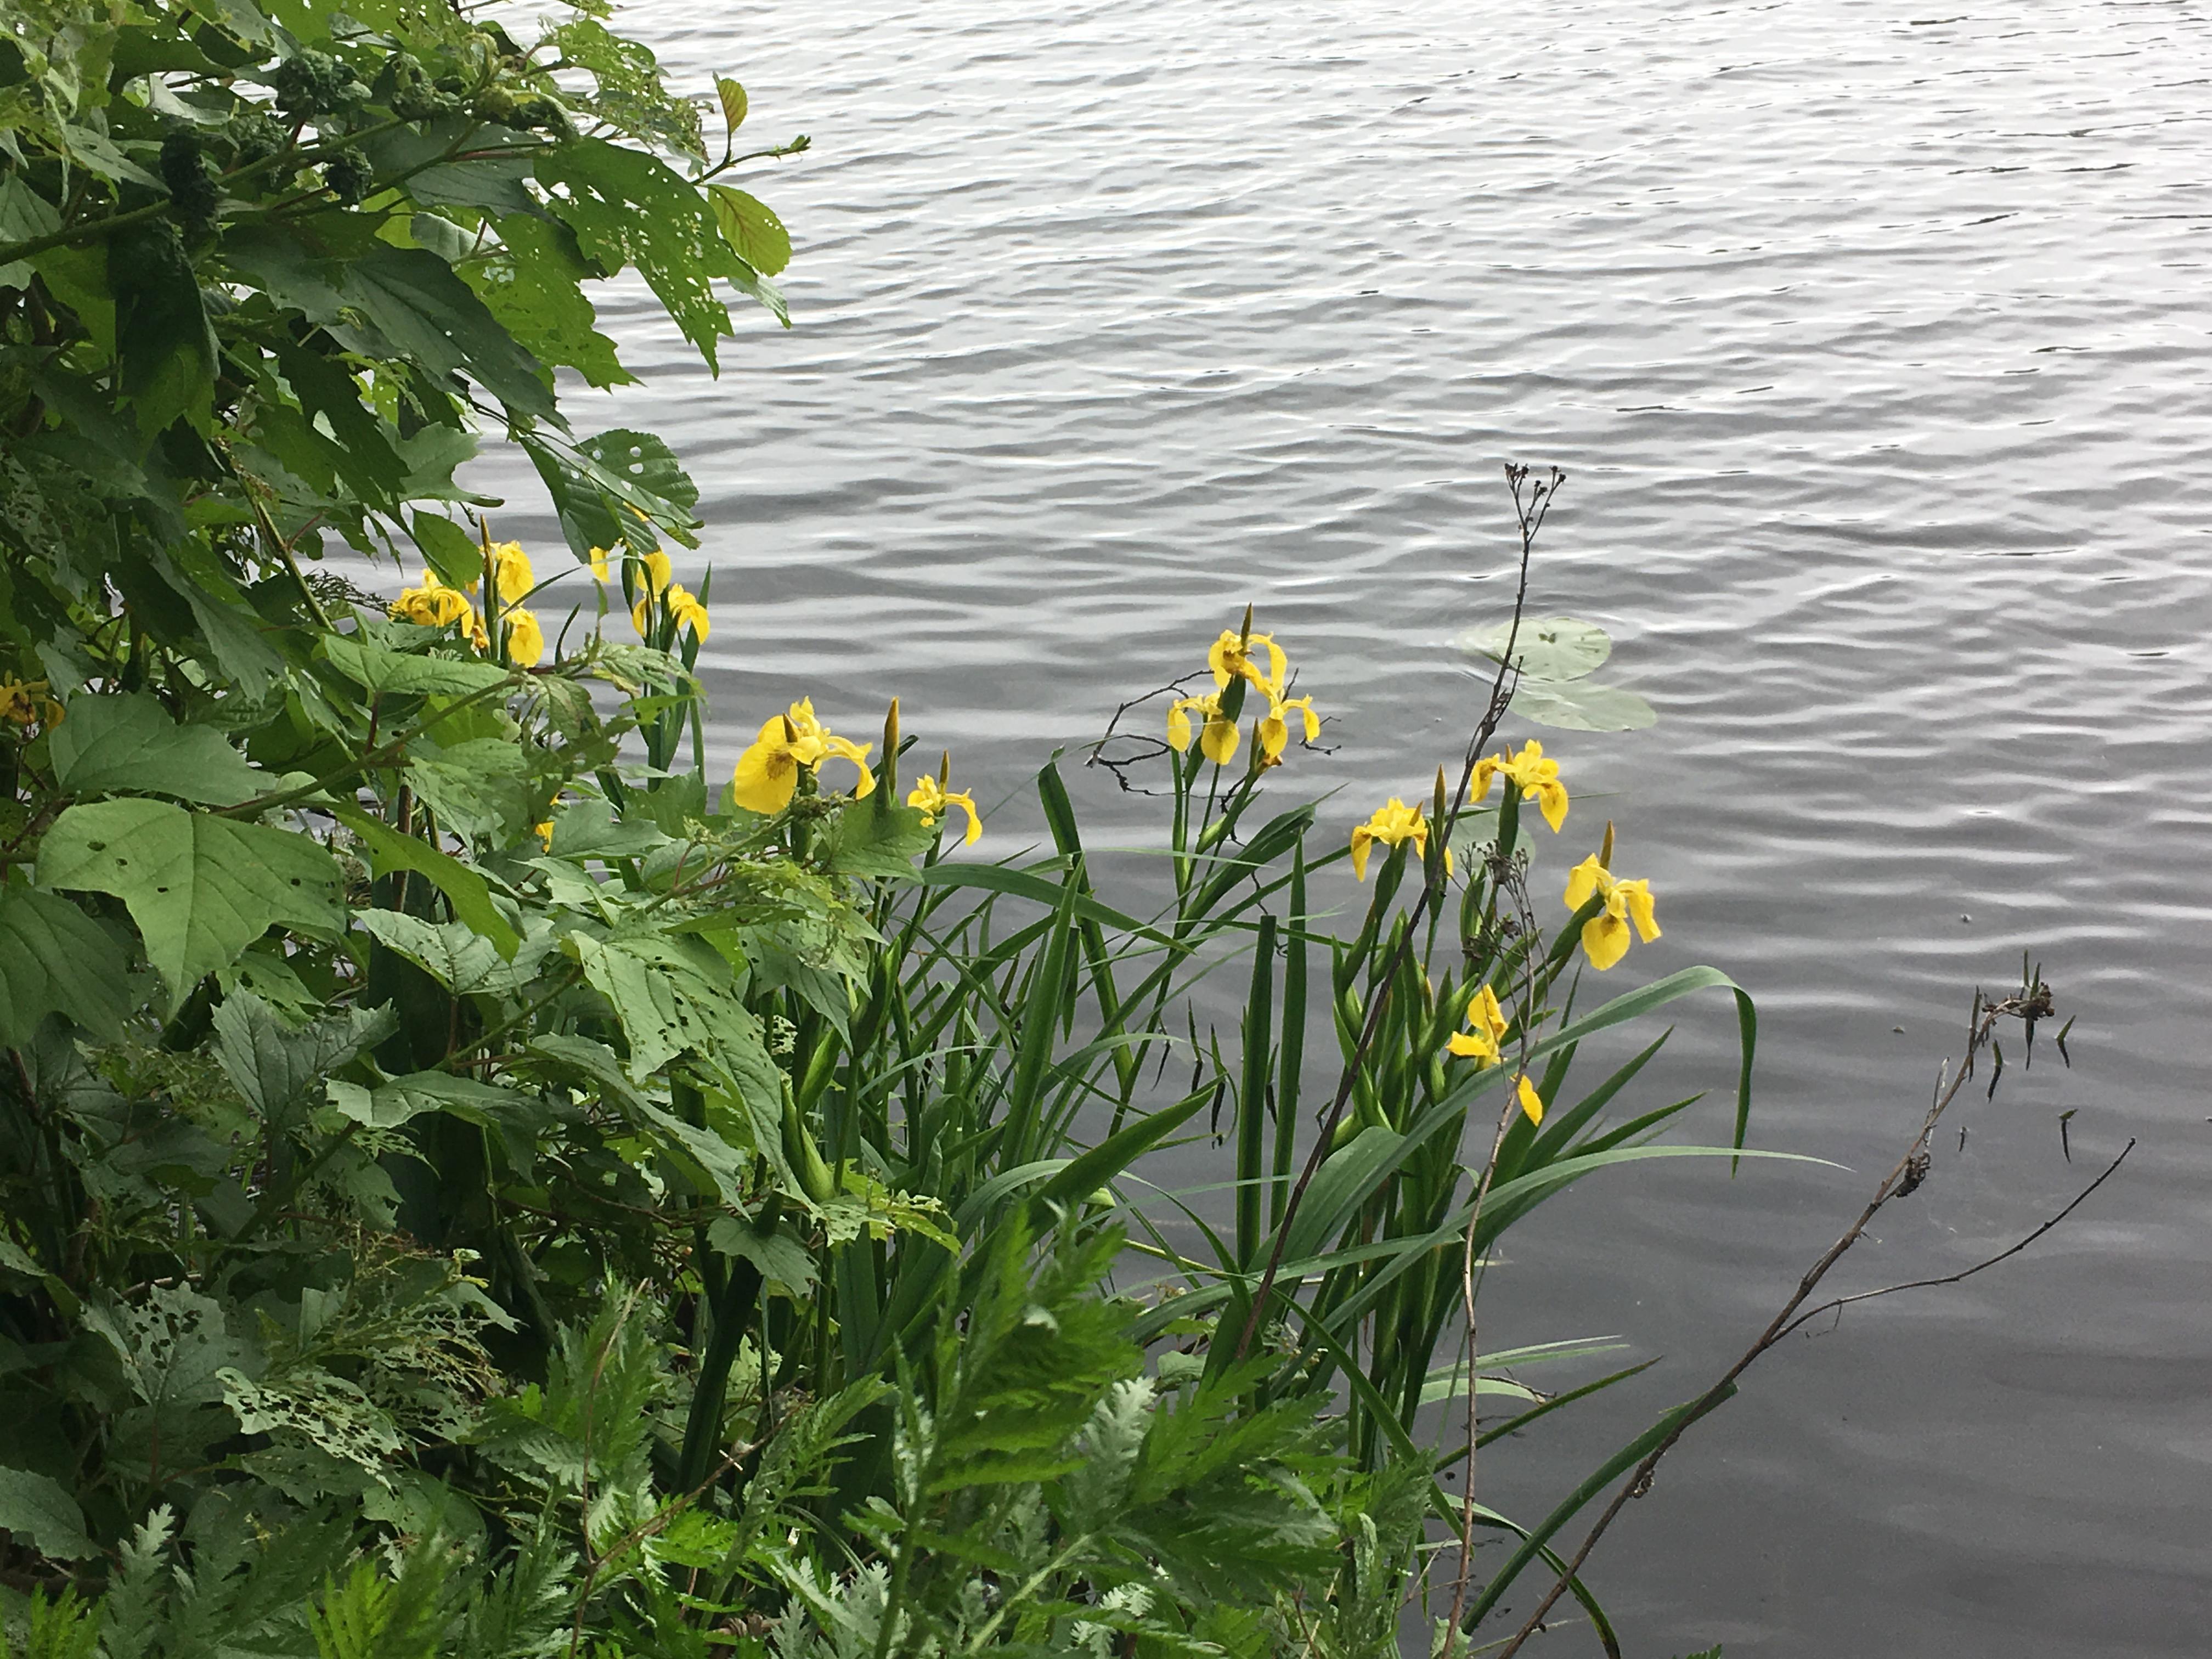 Река Цна Сасово летняя рыбалка рыба июнь пейзажи природы Альберт Сафиуллин